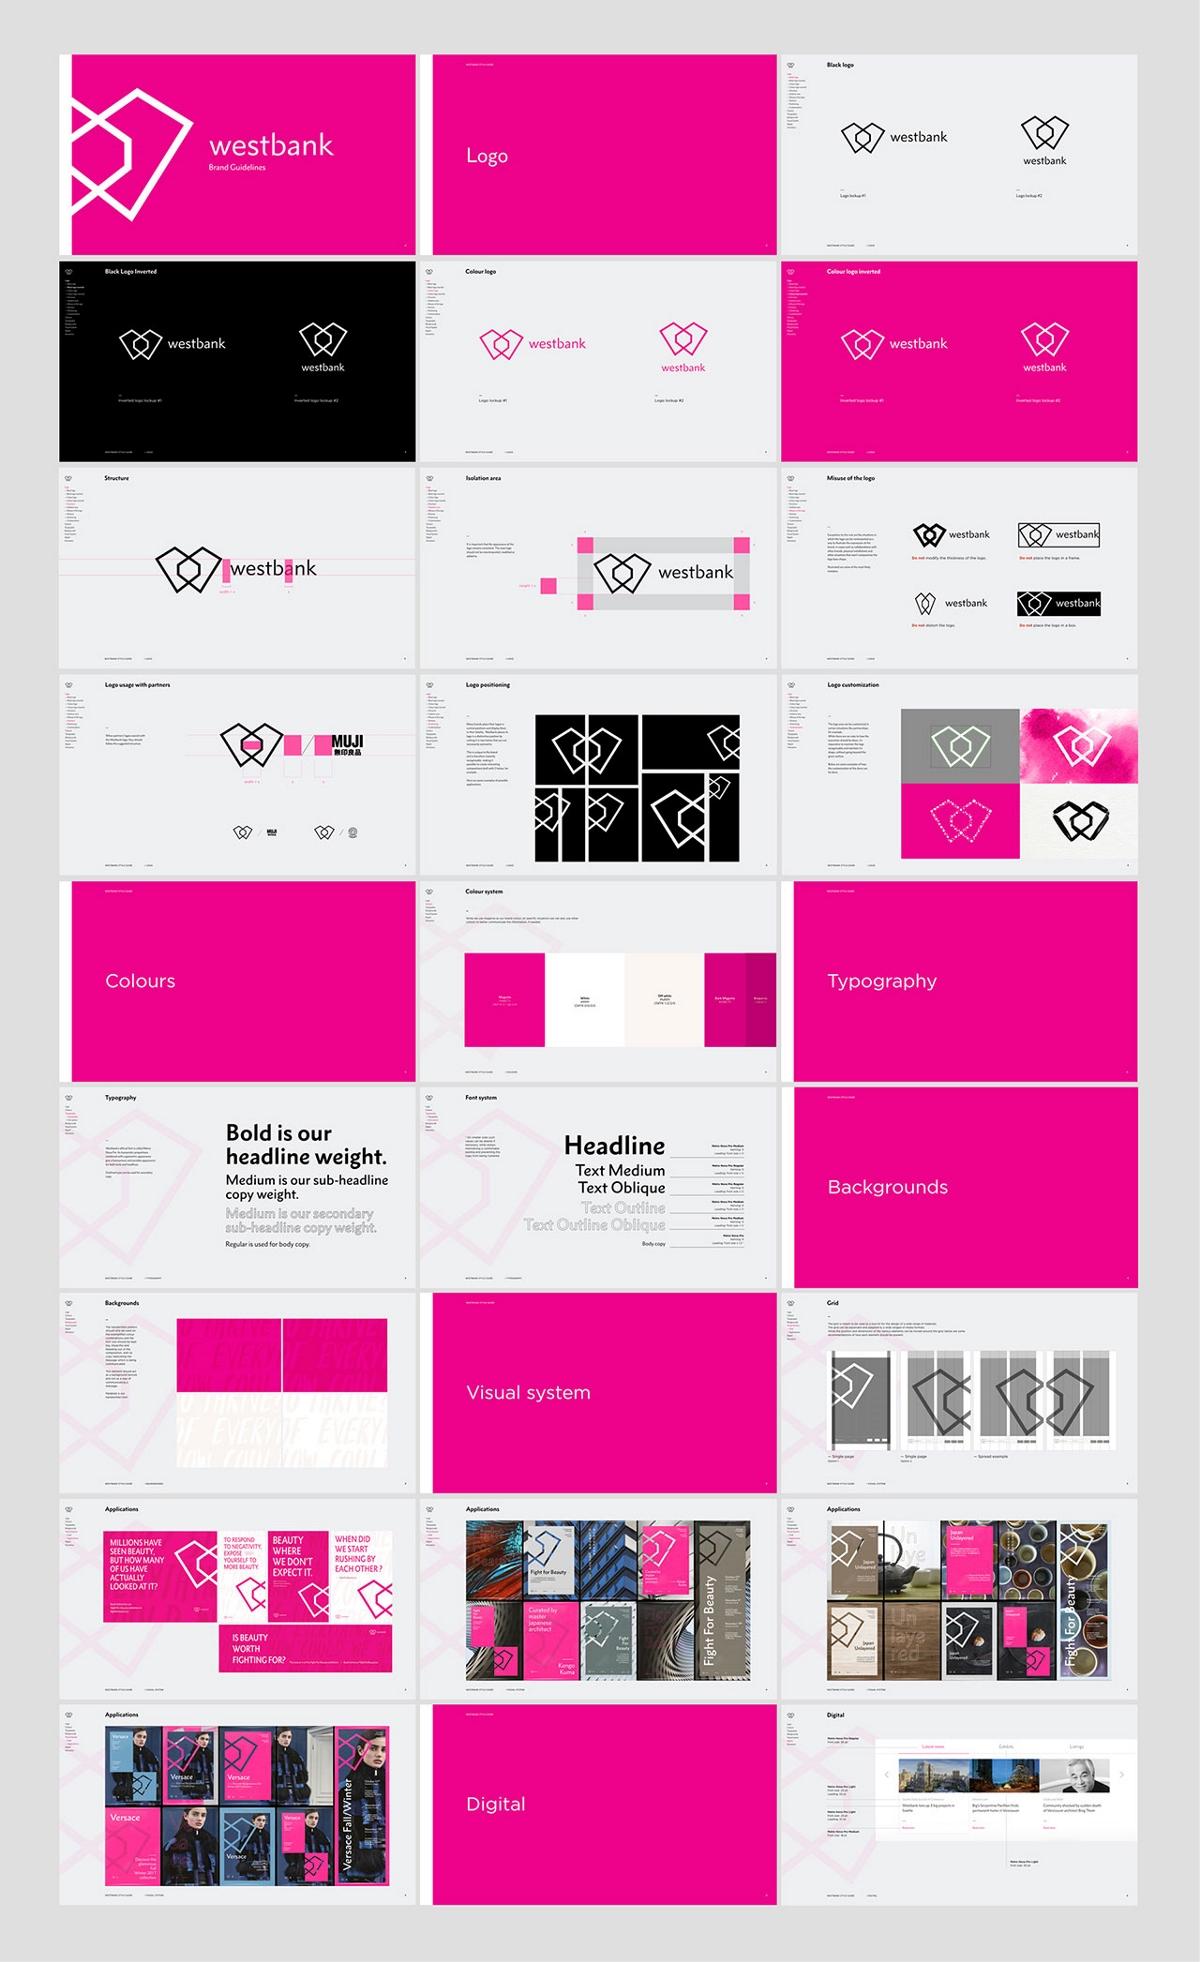 房地产企业Westbank品牌形象设计